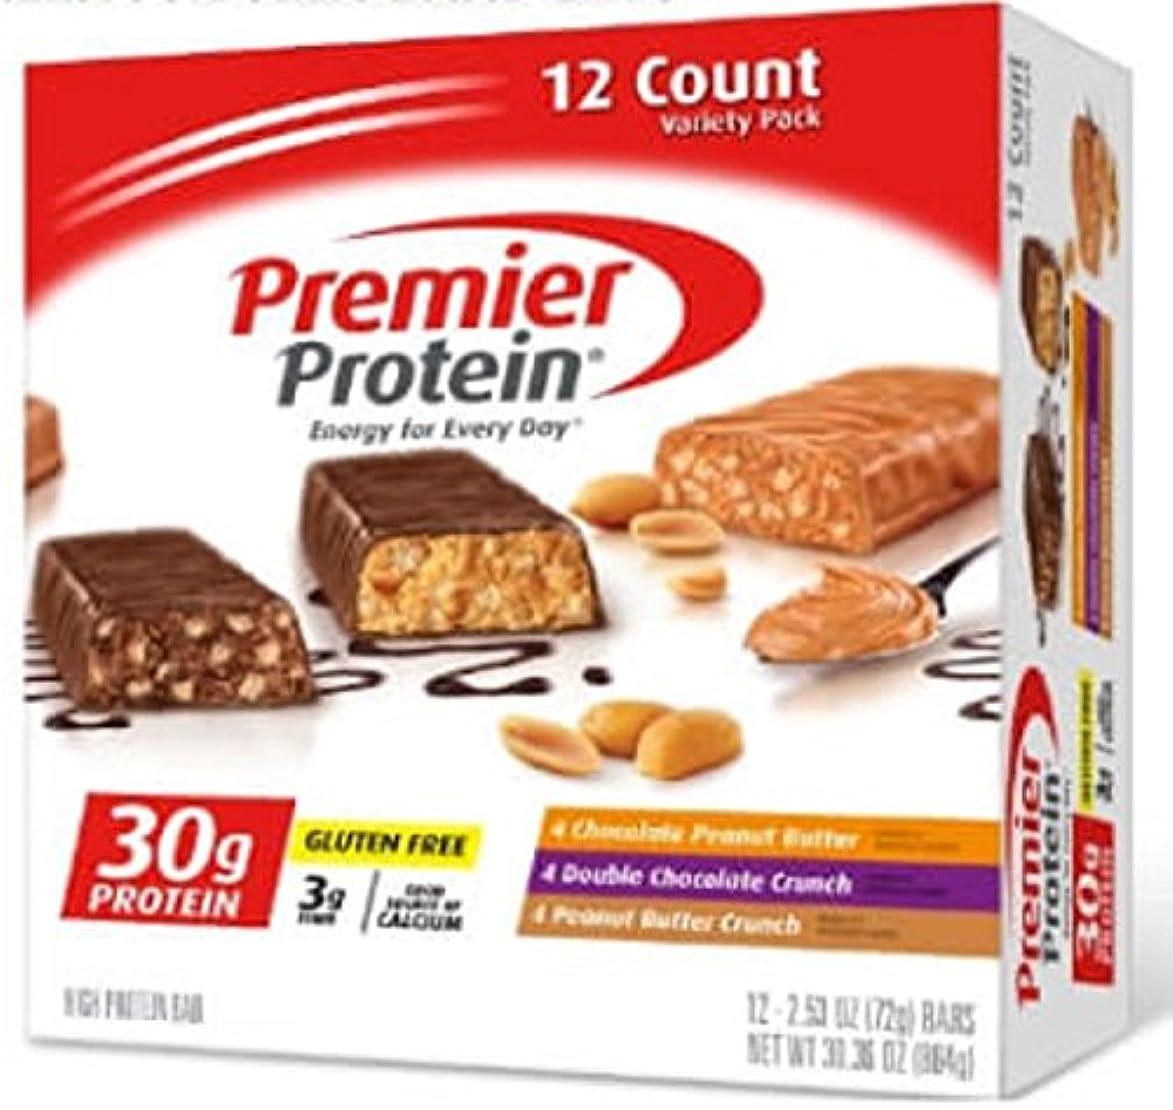 ピルファーハードリング影響する【2箱セット】Premier Protein プレミア プロテイン プロテインバー バラエティパック(72g x 12本入り x 2箱)